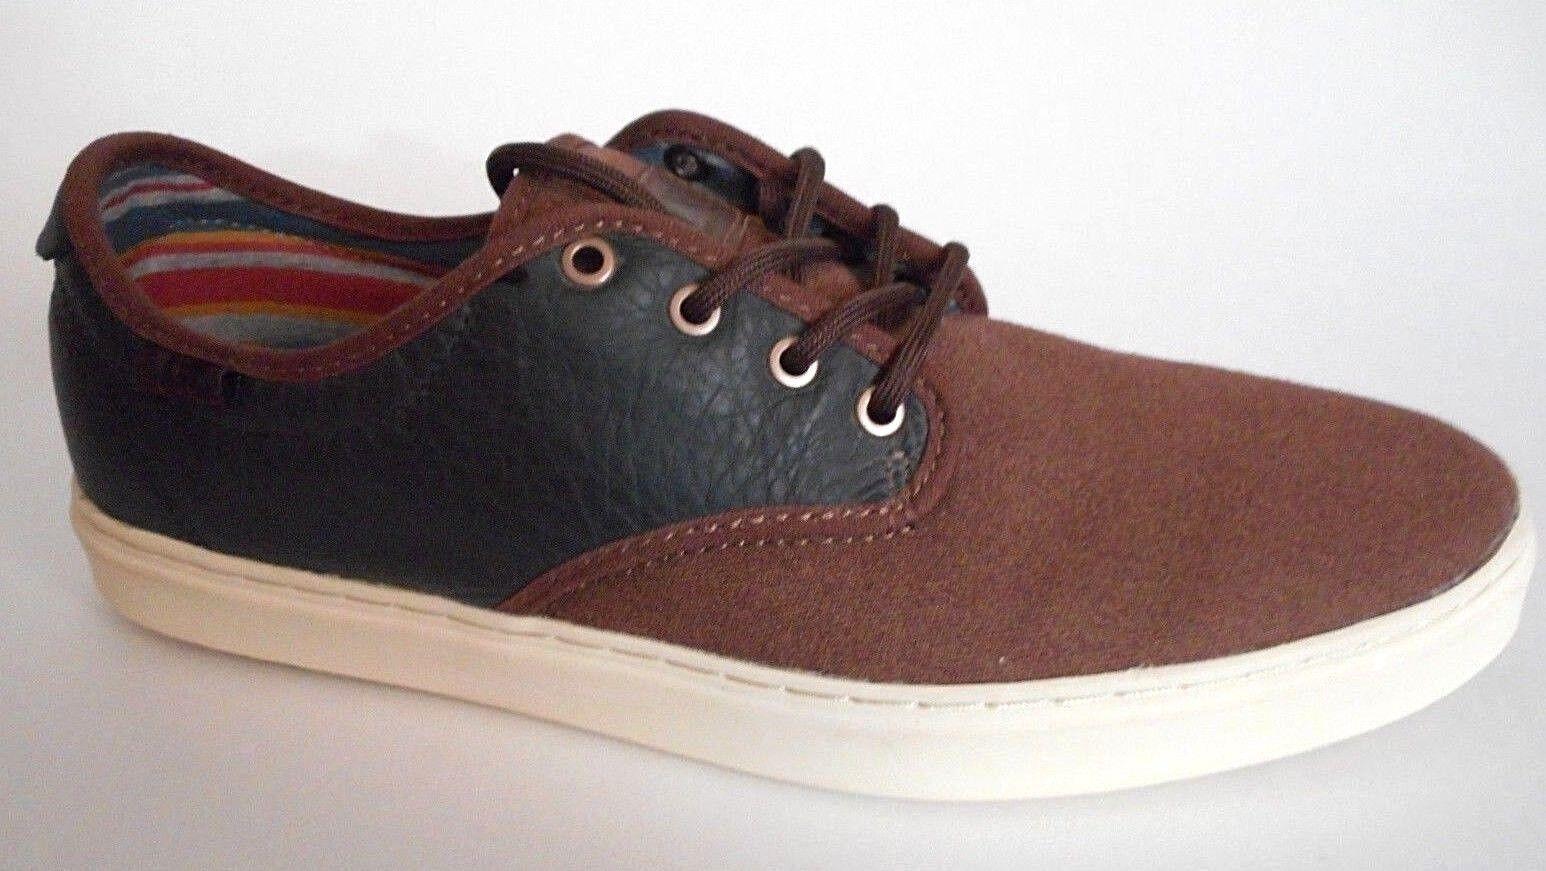 brand new furgoni taglia ludlow taglia furgoni 9 brown antico nero sopra tennis pattinare le scarpe basse 97d734